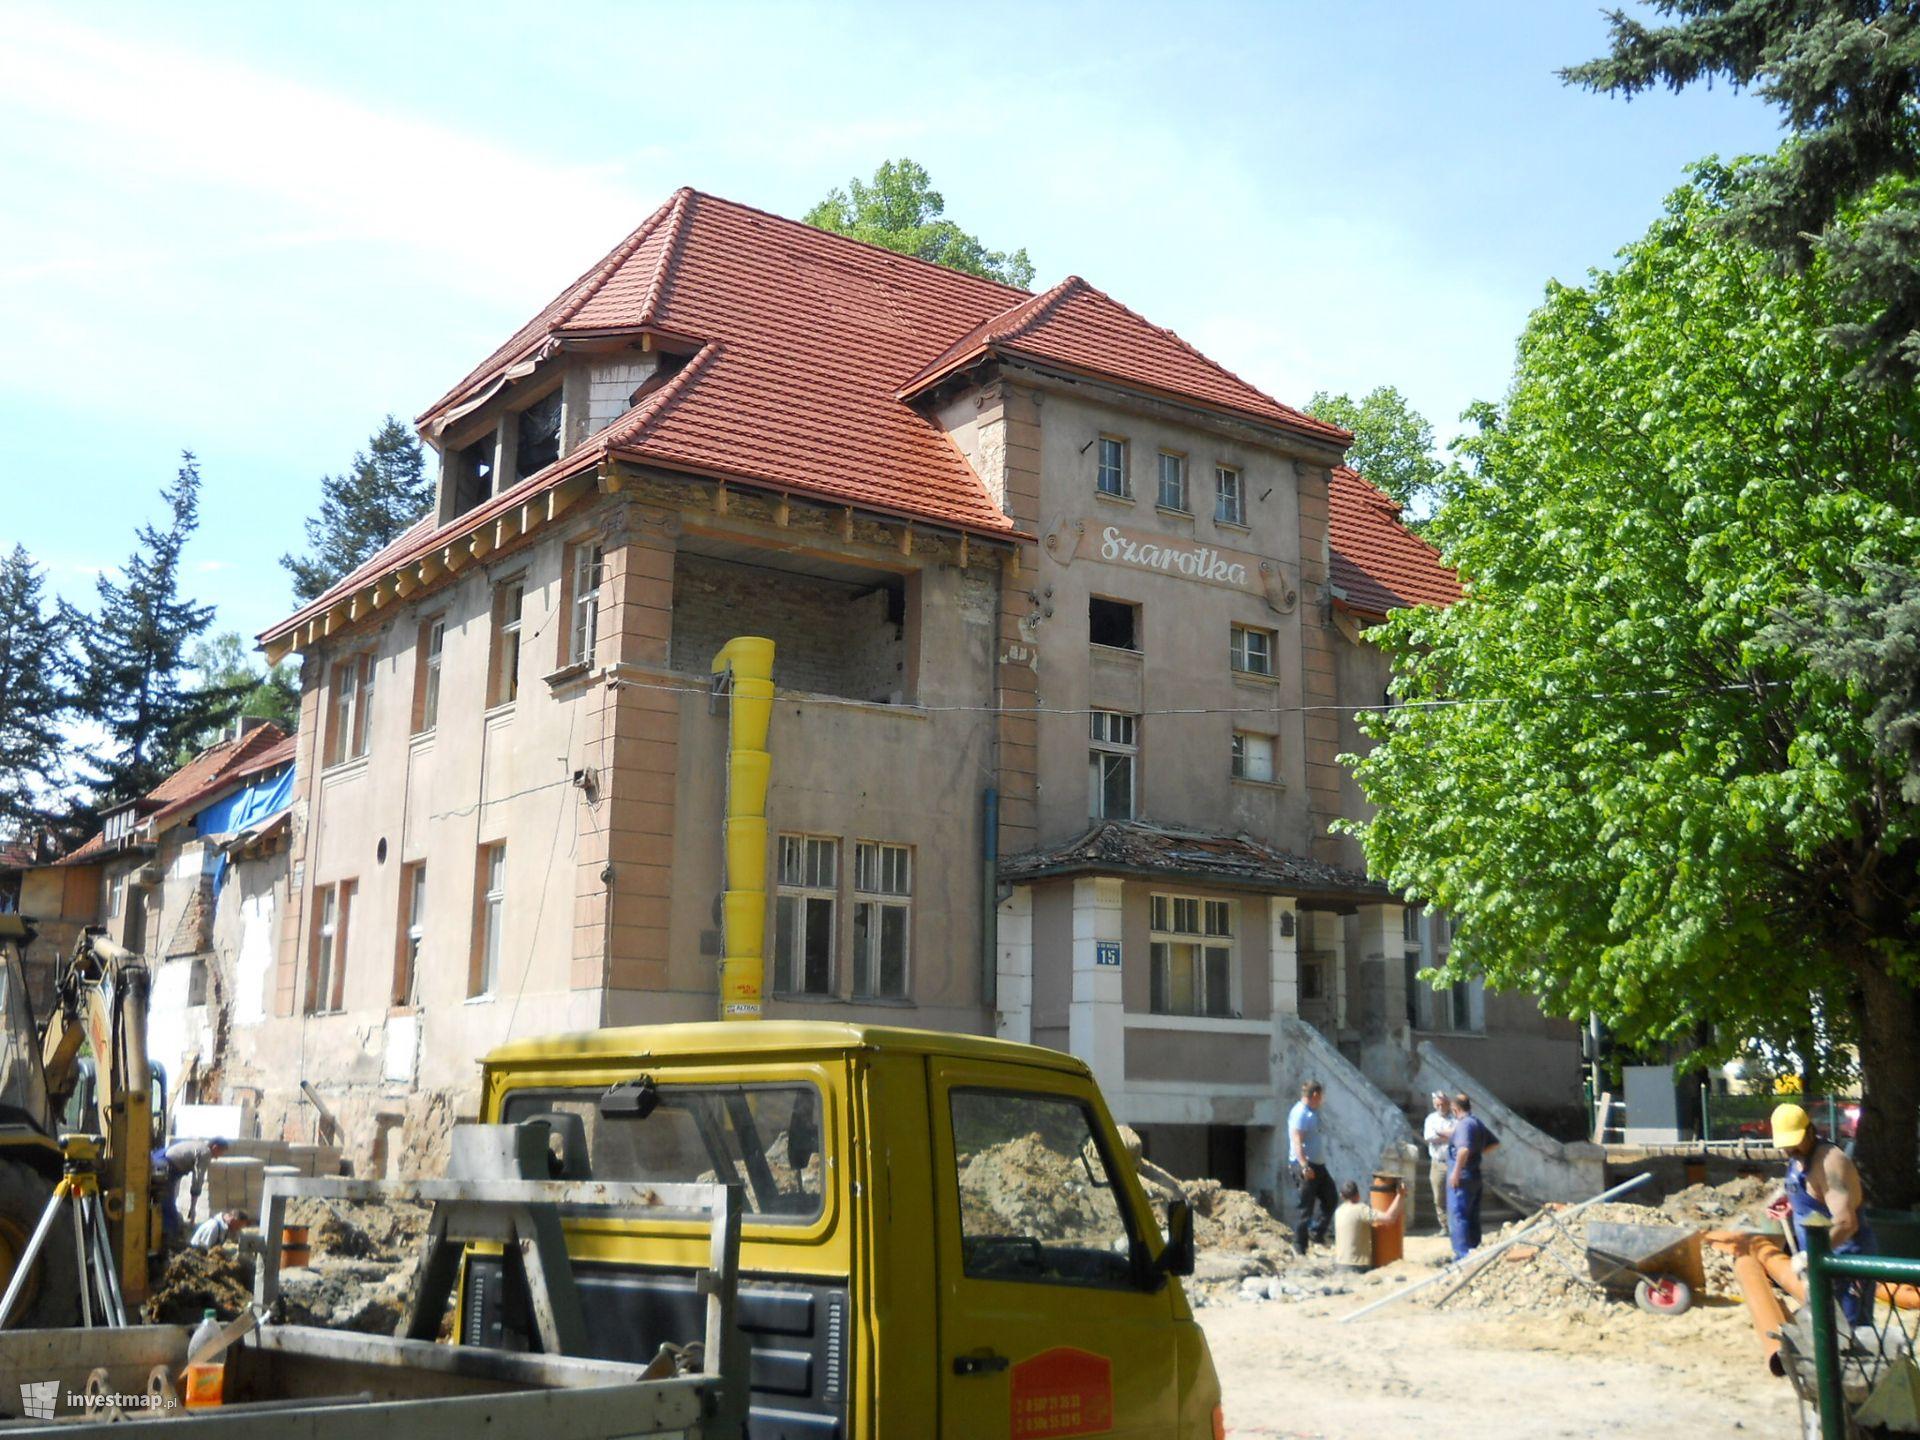 Przebudowa i rozbudowa byłego internatu na pensjonat z restauracją